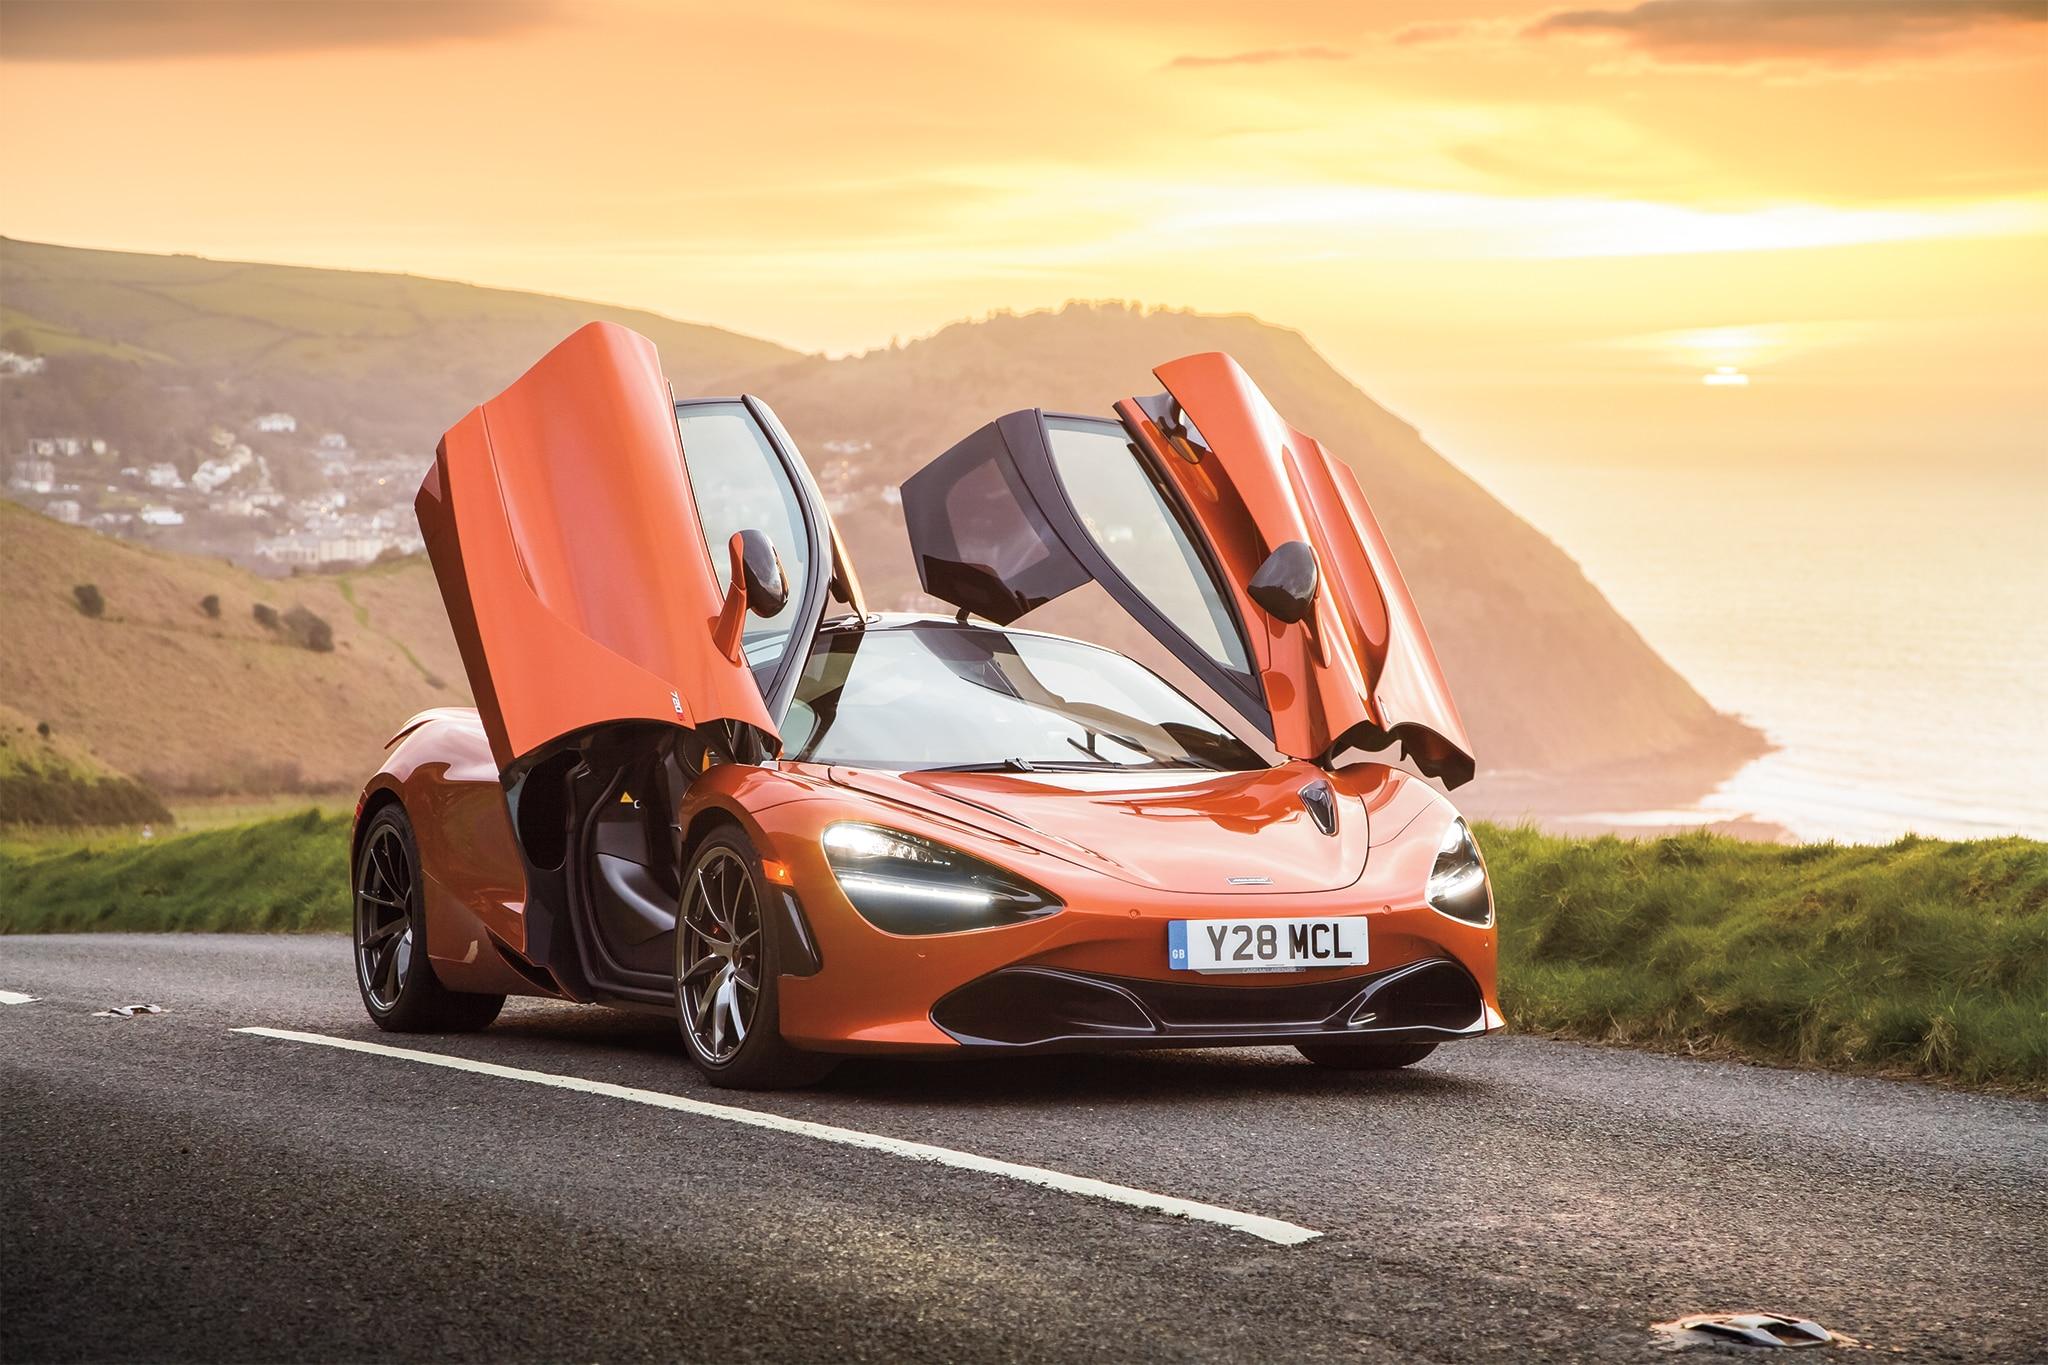 2018 McLaren 720S Front Three Quarter 01